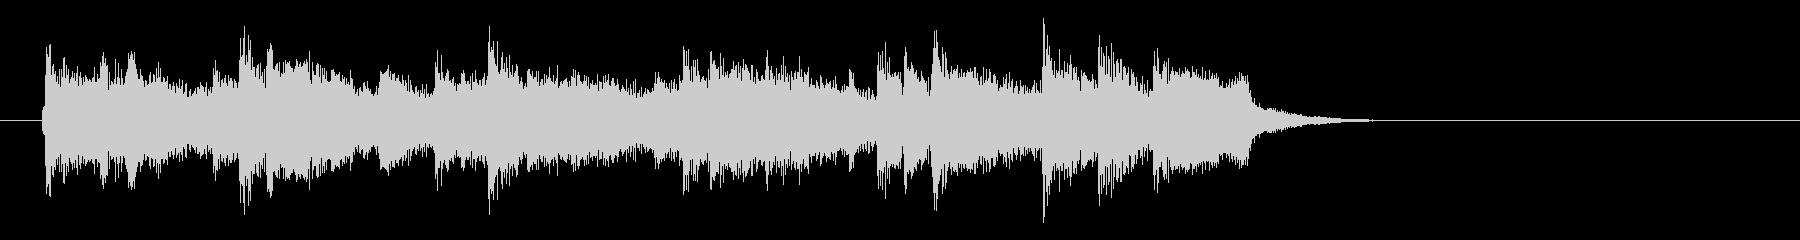 アコースティックバラード(イントロ)の未再生の波形